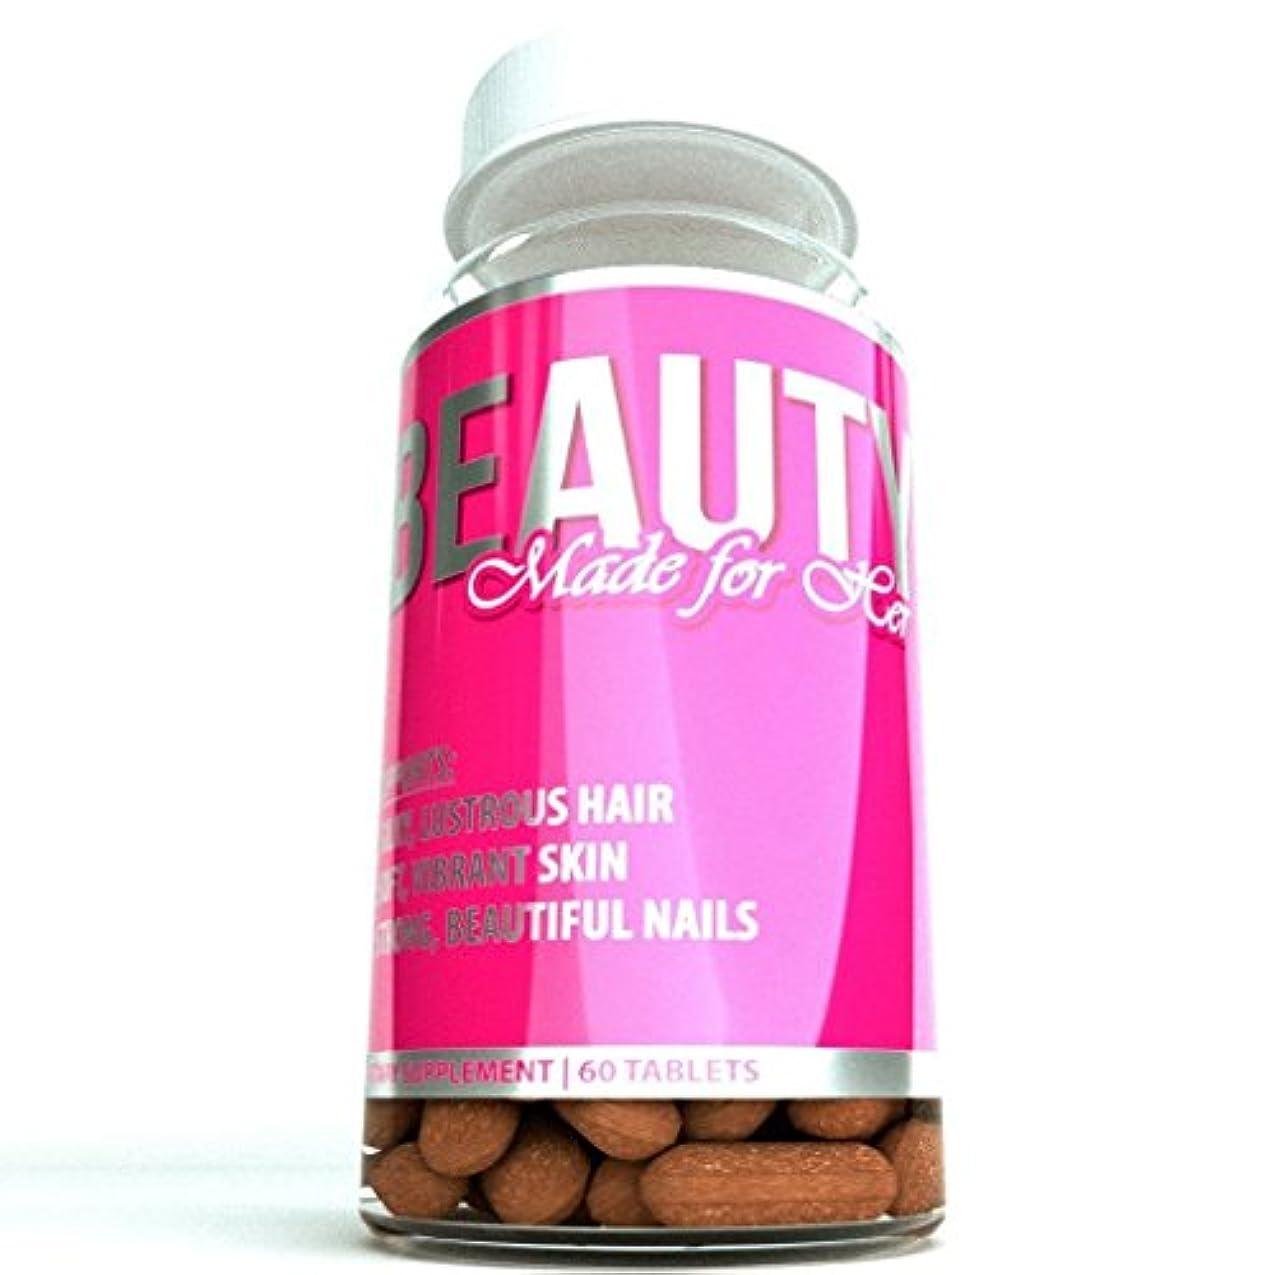 時期尚早慣らす十分ではないBeauty Made For Her Nutrition - Vitamins For Hair & Skin 髪、肌、爪用ビタミン(ビオチン5000mcg配合の効果の高いサプリメント)髪、肌、爪用ビタミン女性用 ビューティービタミン...